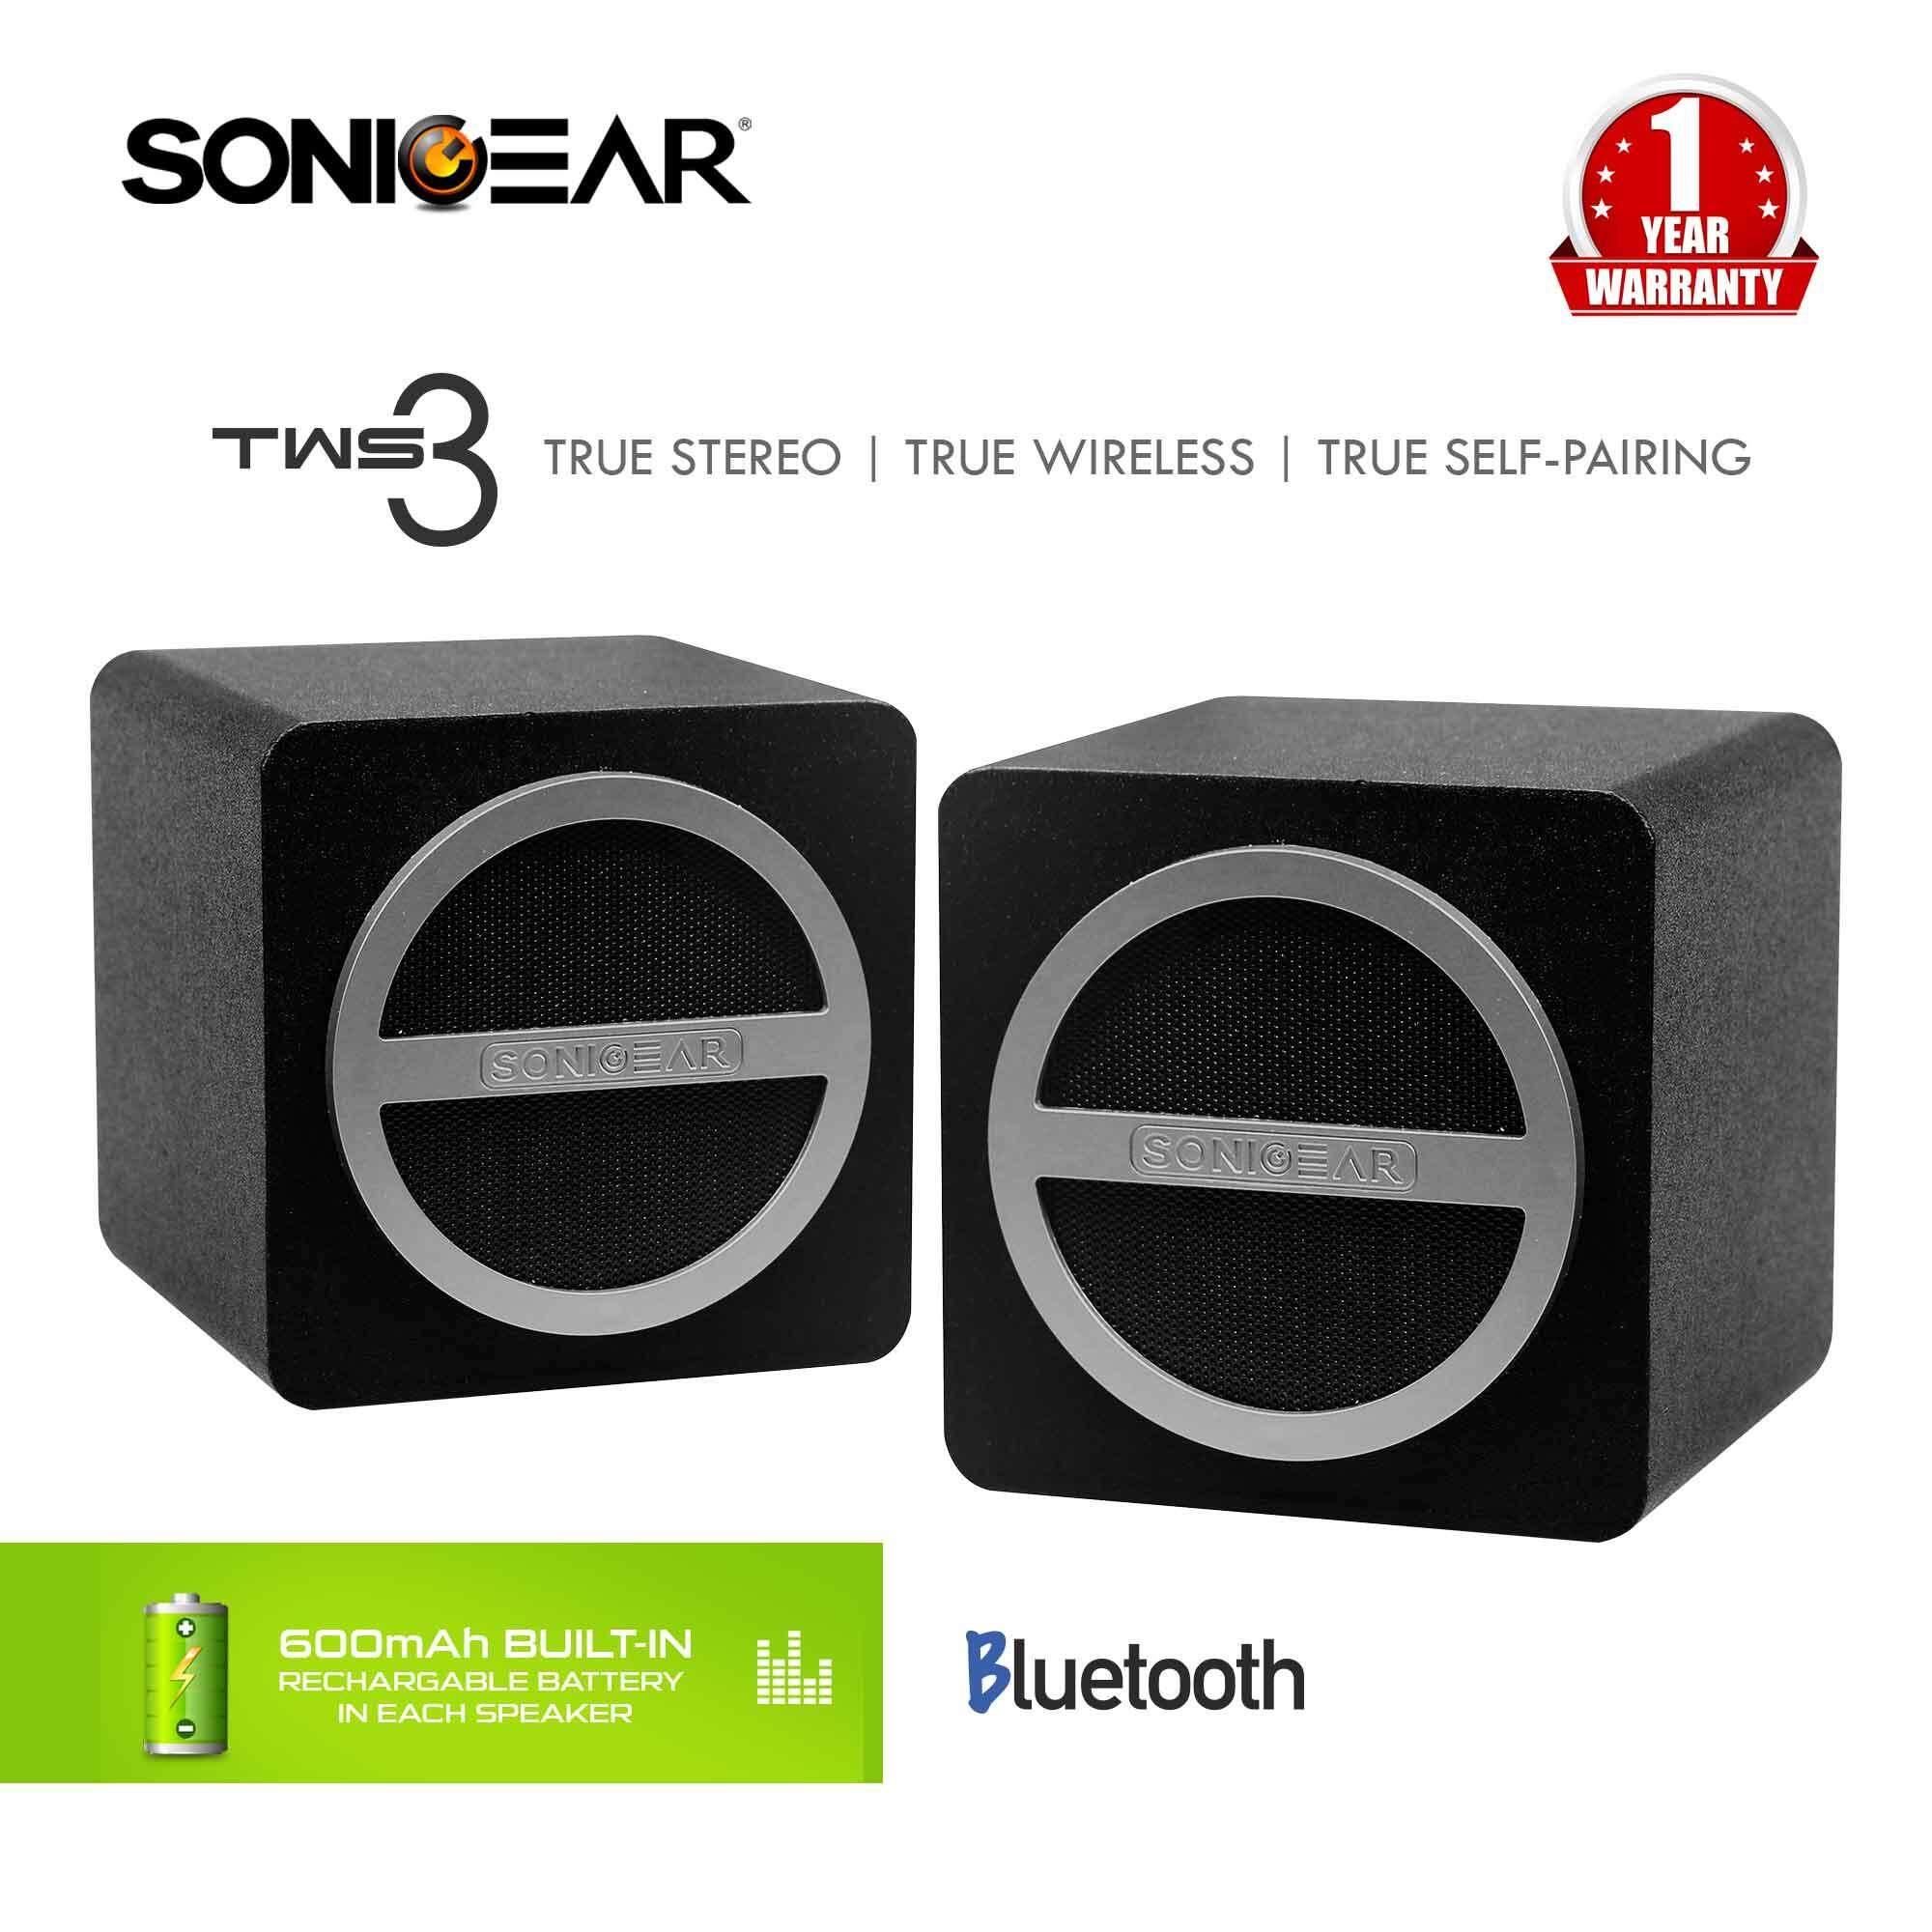 TWS 3 True Stereo Wireless (Self-Pairing) Speaker System By SonicGear